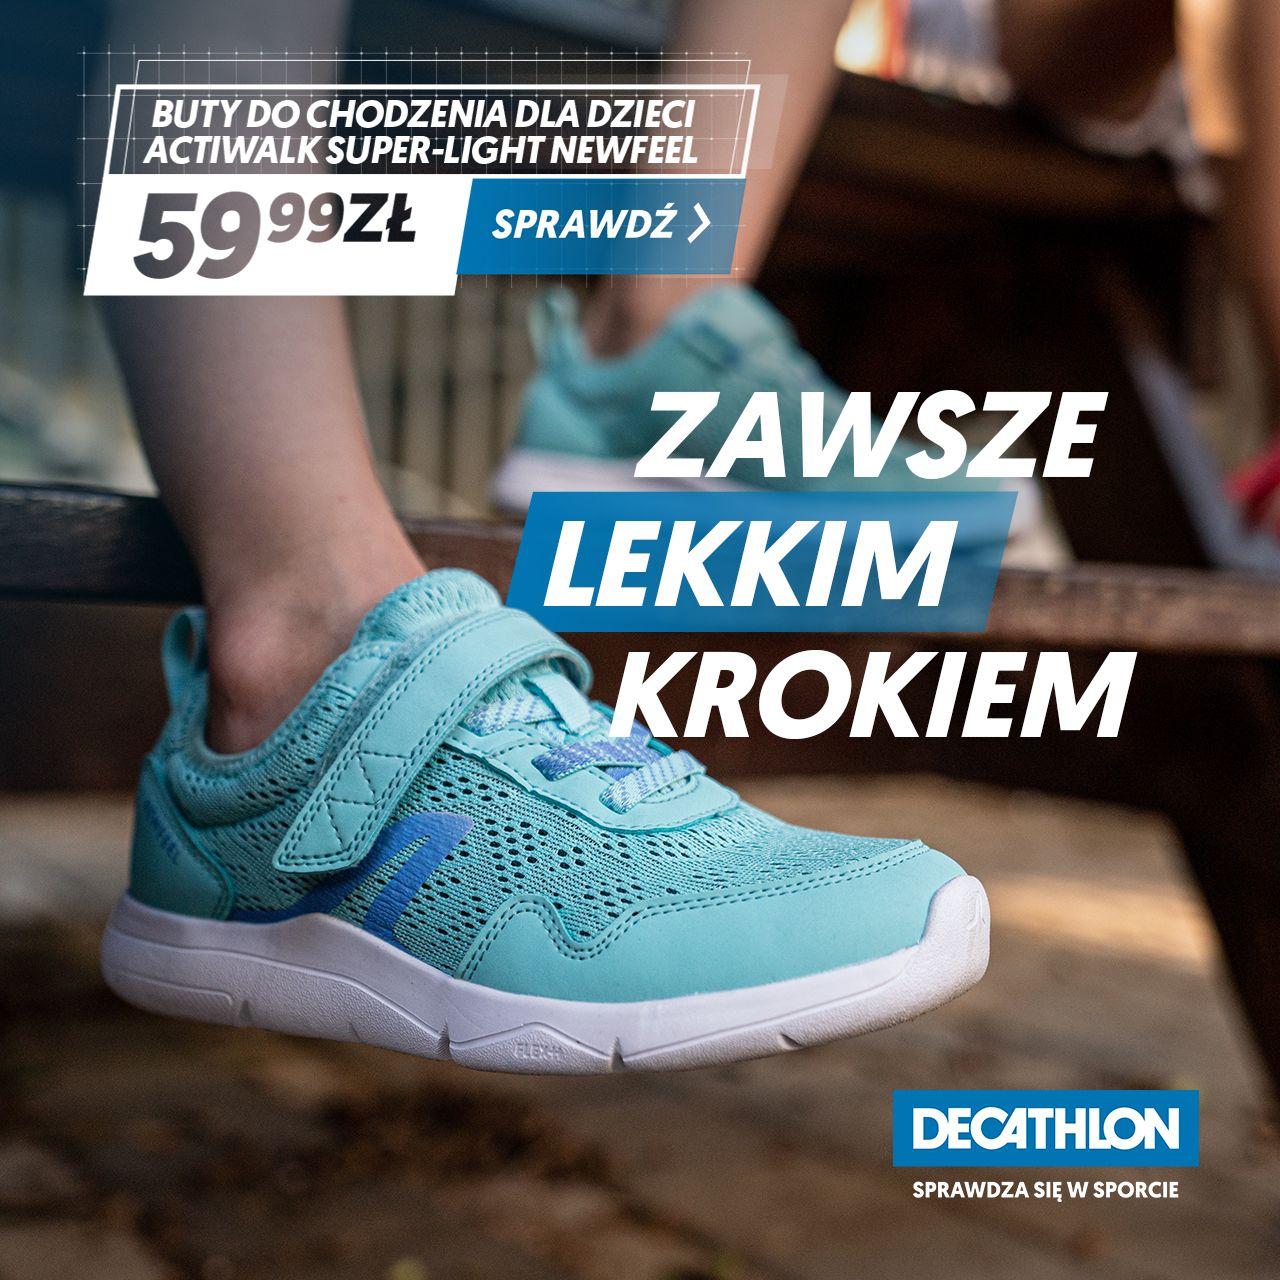 Actiwalk Sneakers Adidas Sneakers Shoes